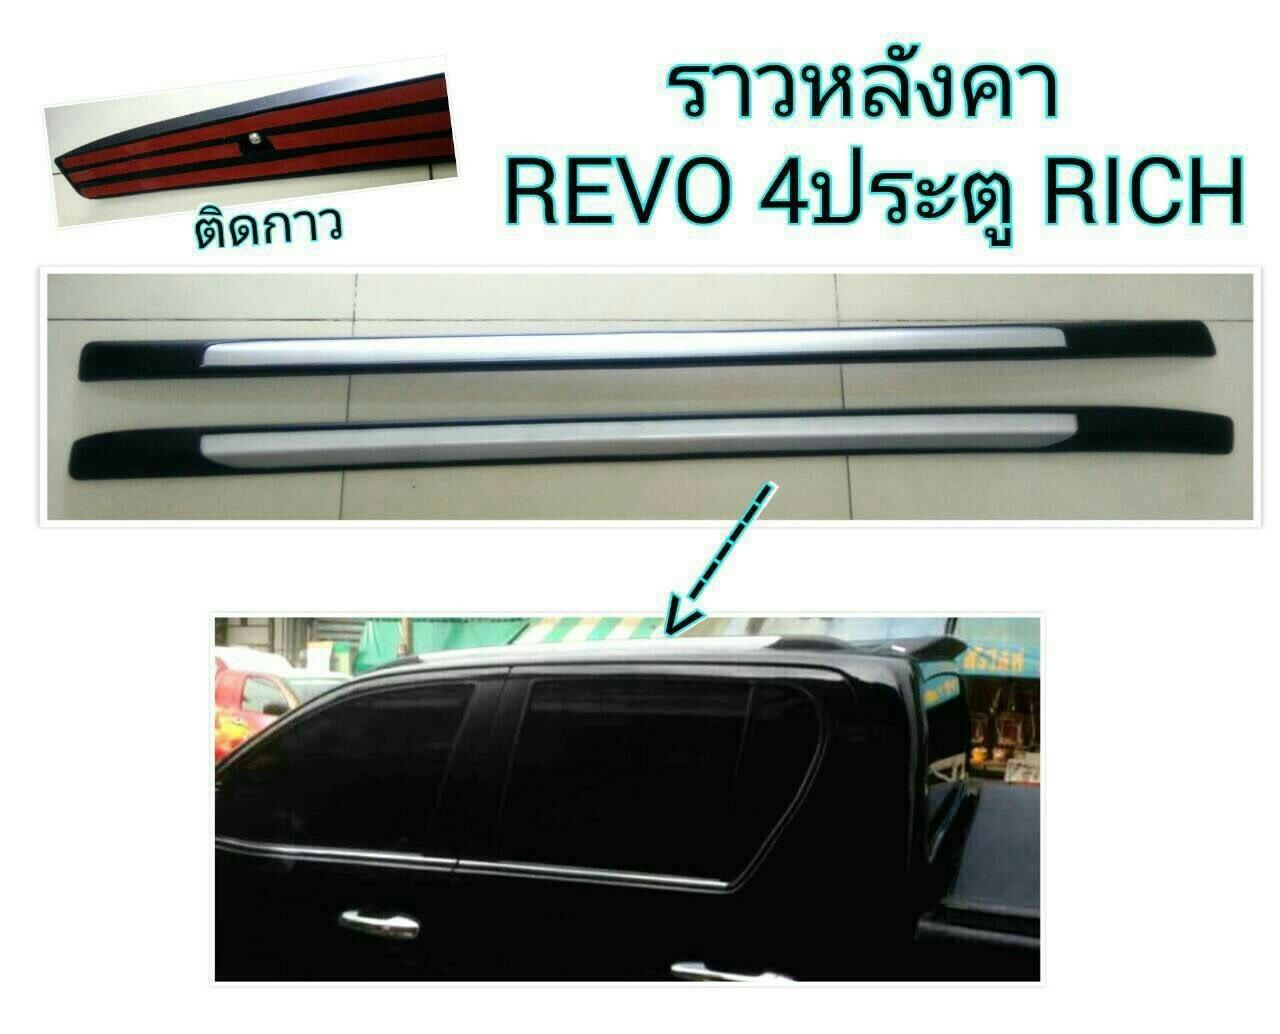 ราวหลังคา REVO 4 ประตู